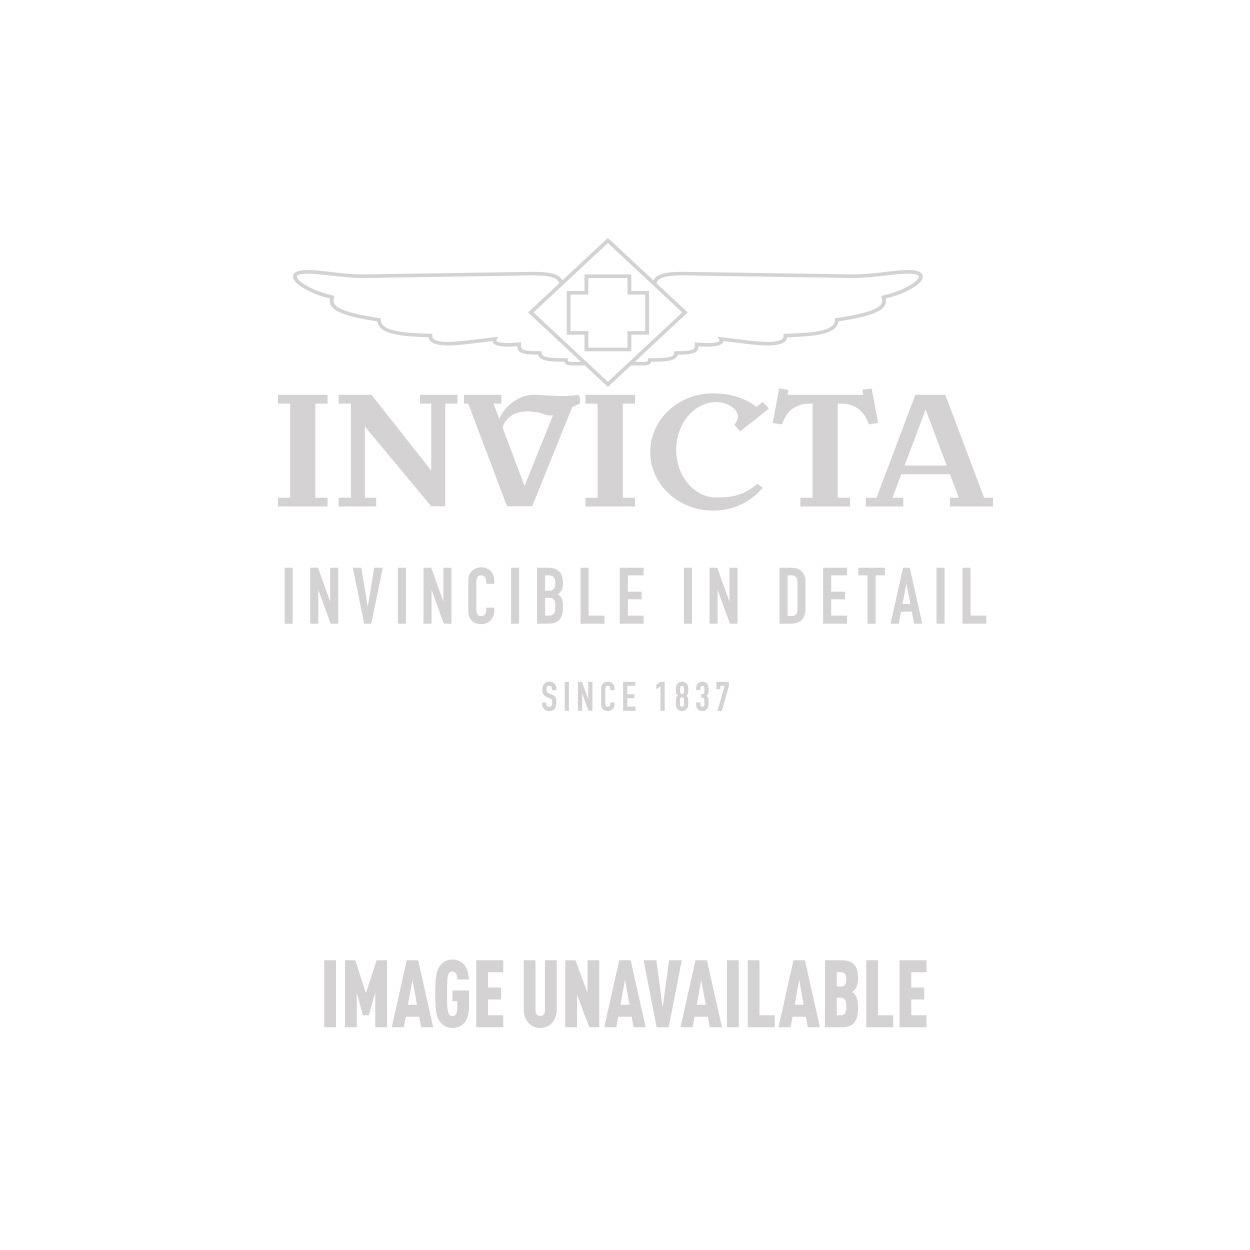 Invicta Model 28013